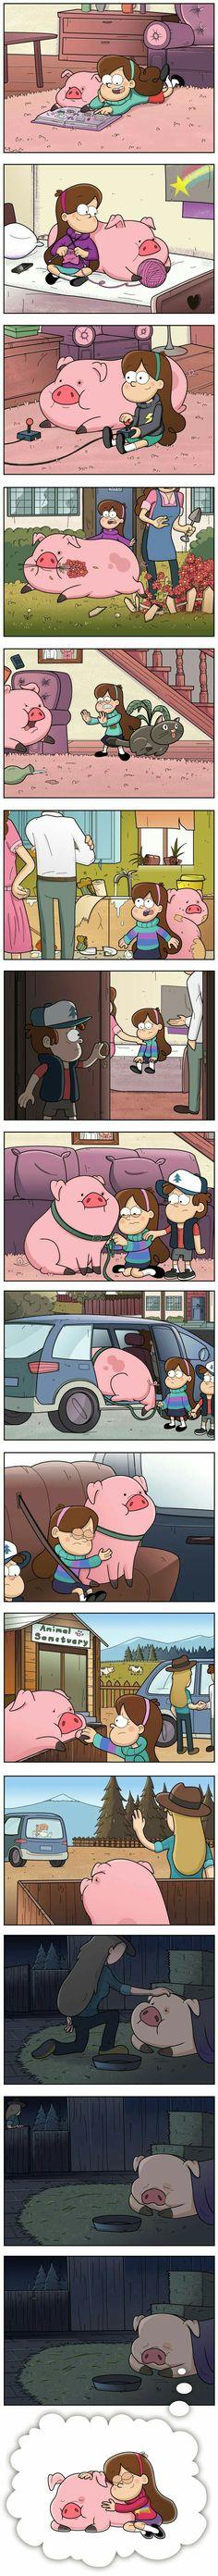 Esto fue lo qué pasó con Mabel y pato cuando se fueron de Gravity fall